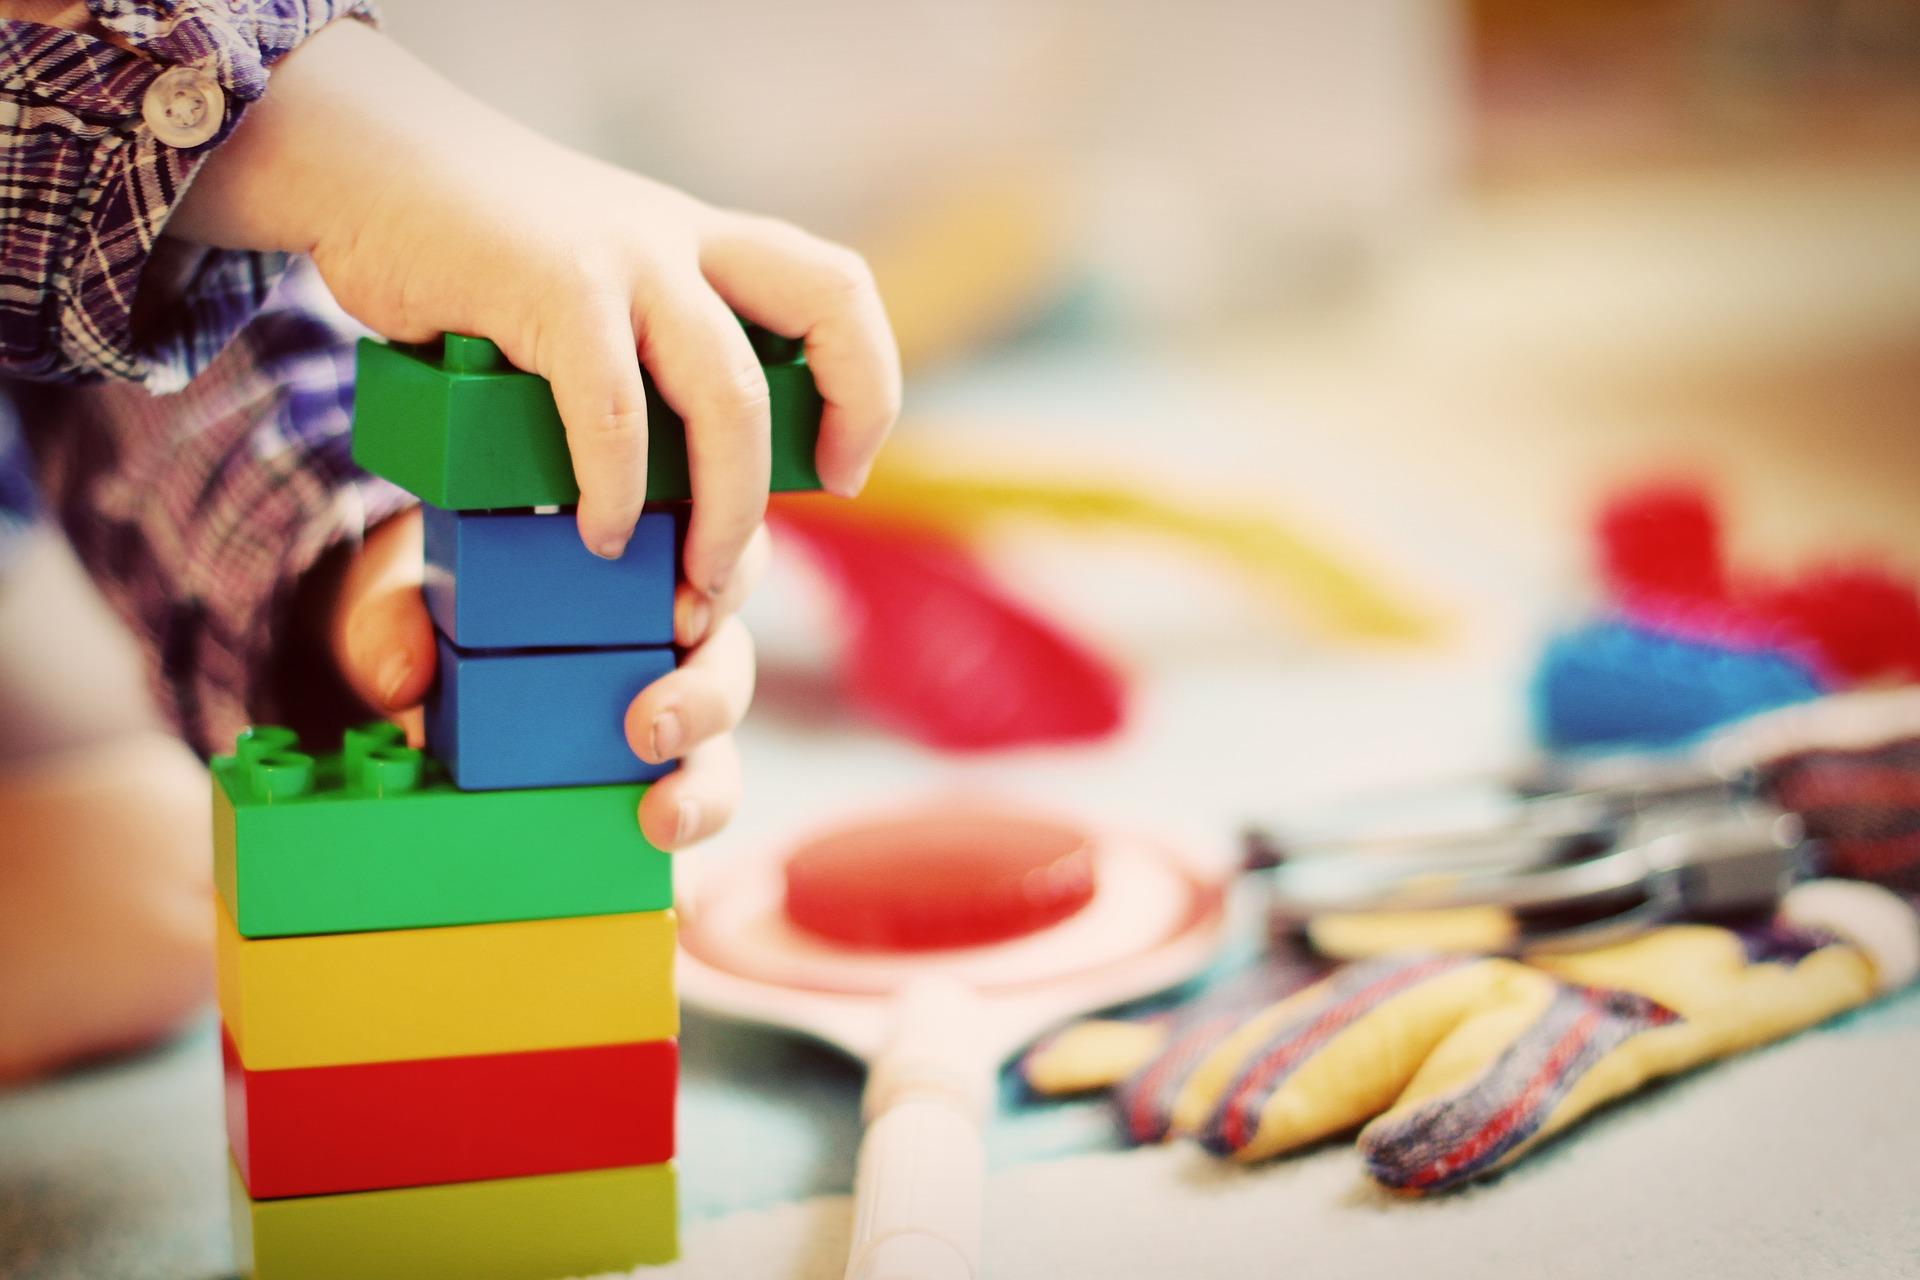 Kinderhände die mit Bauklötzen spielen